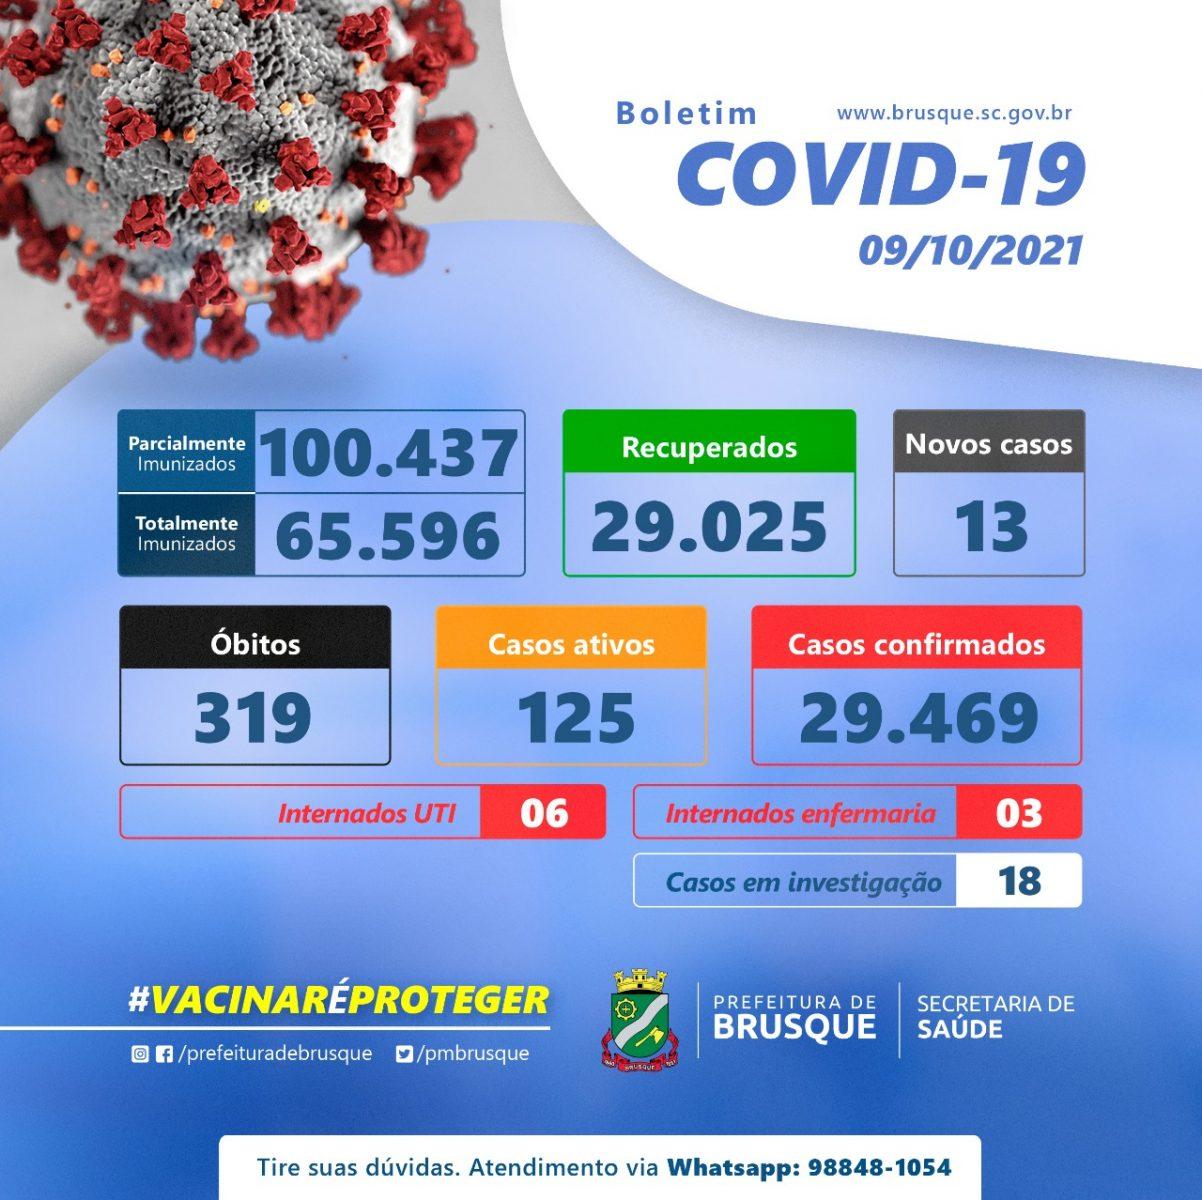 Covid-19: Confira o boletim epidemiológico deste sábado (09)